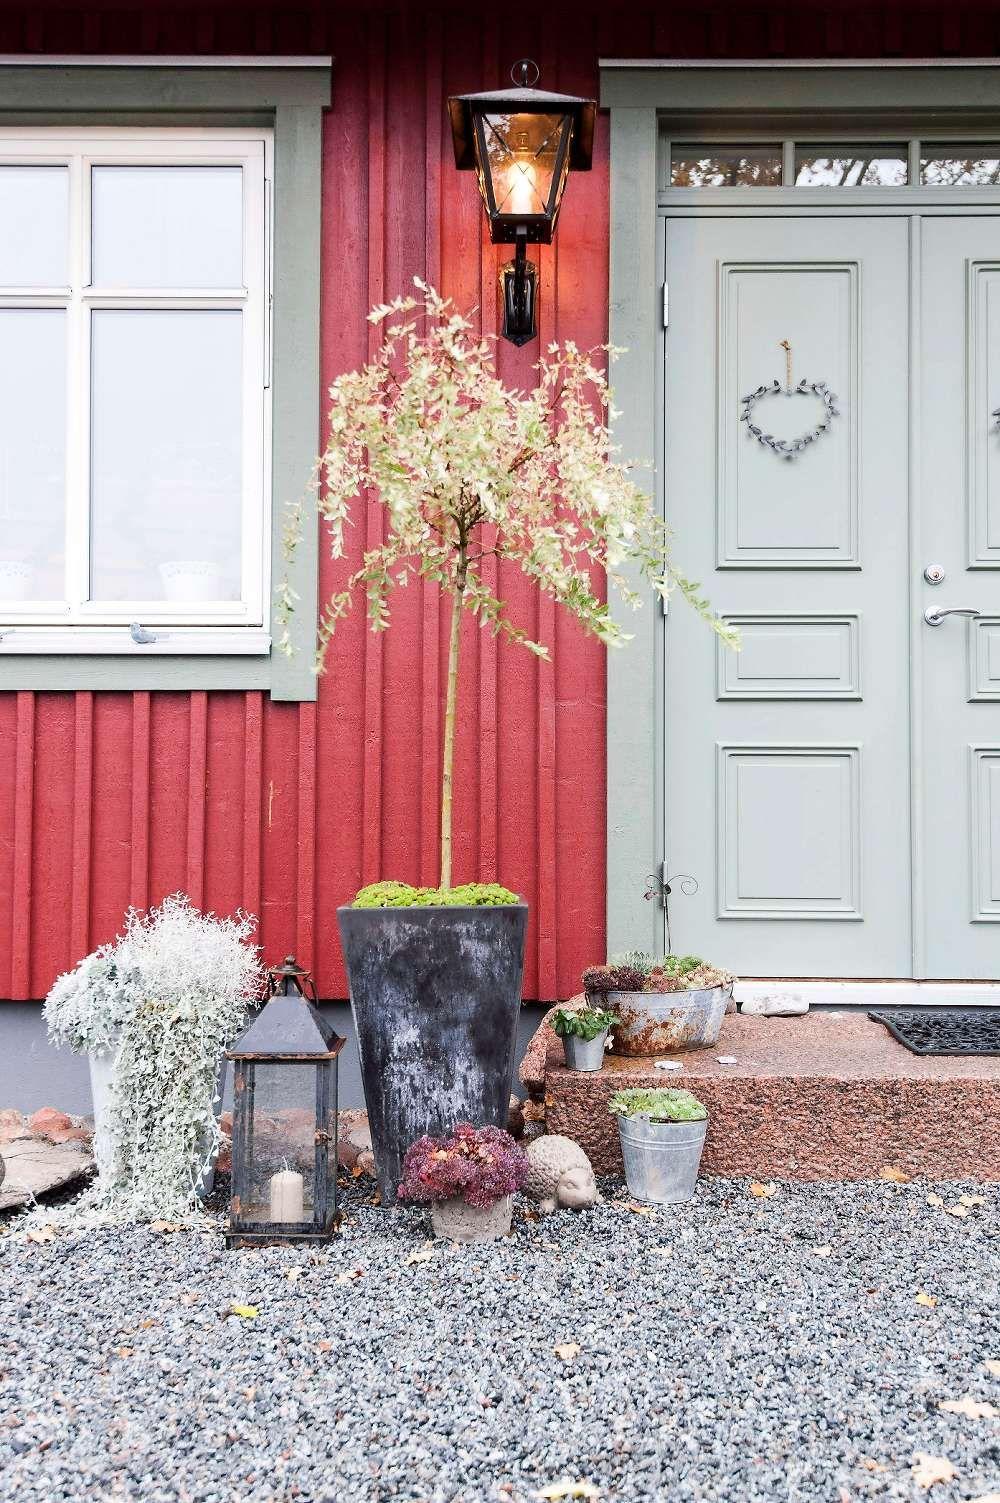 Ytterdörr Dooria perfekt färg & Ytterdörr Dooria perfekt färg | Fönster \u0026 dörrar | Pinterest | Doors